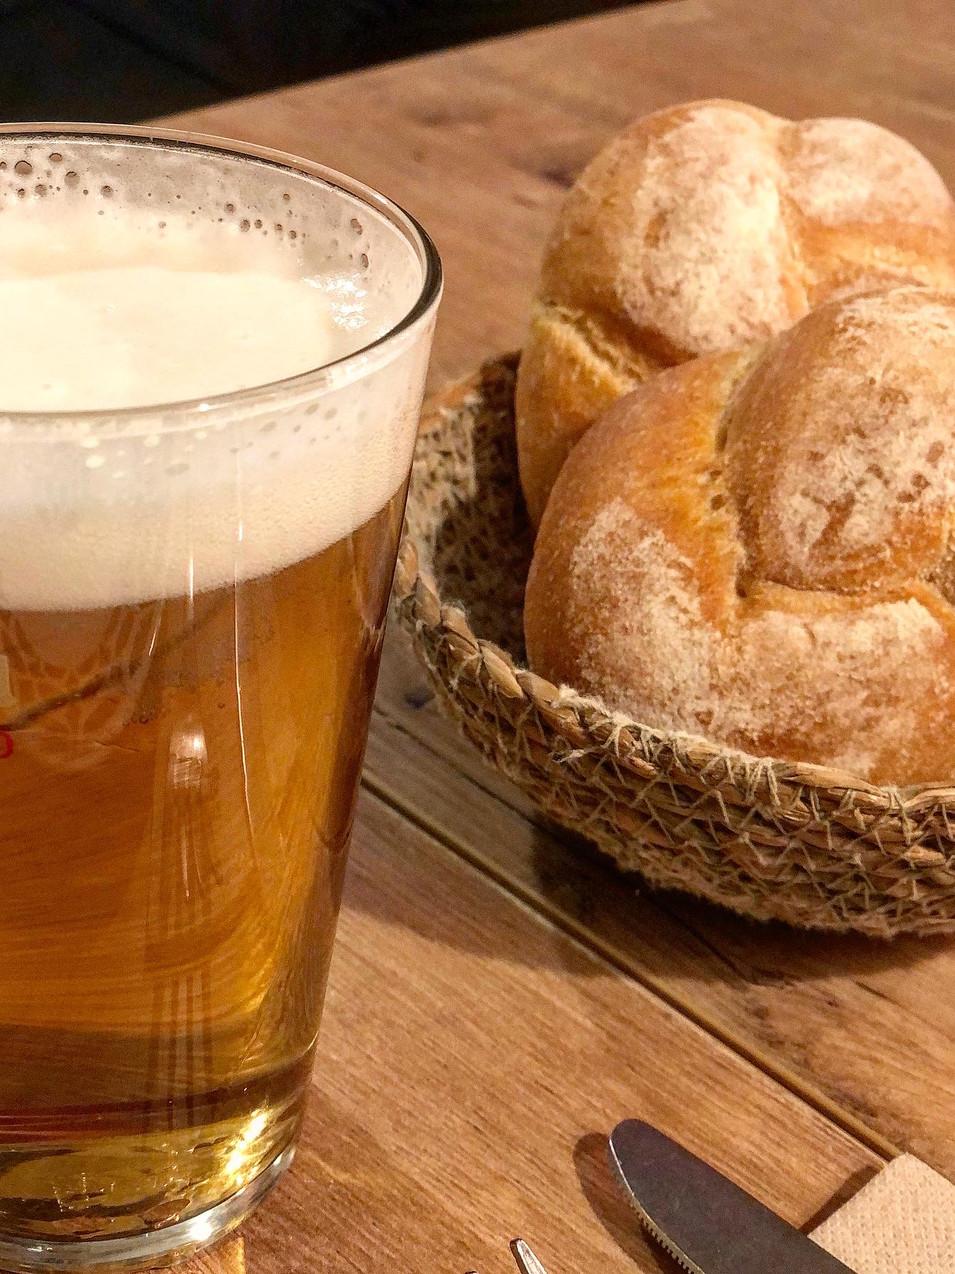 Cerveza y pan